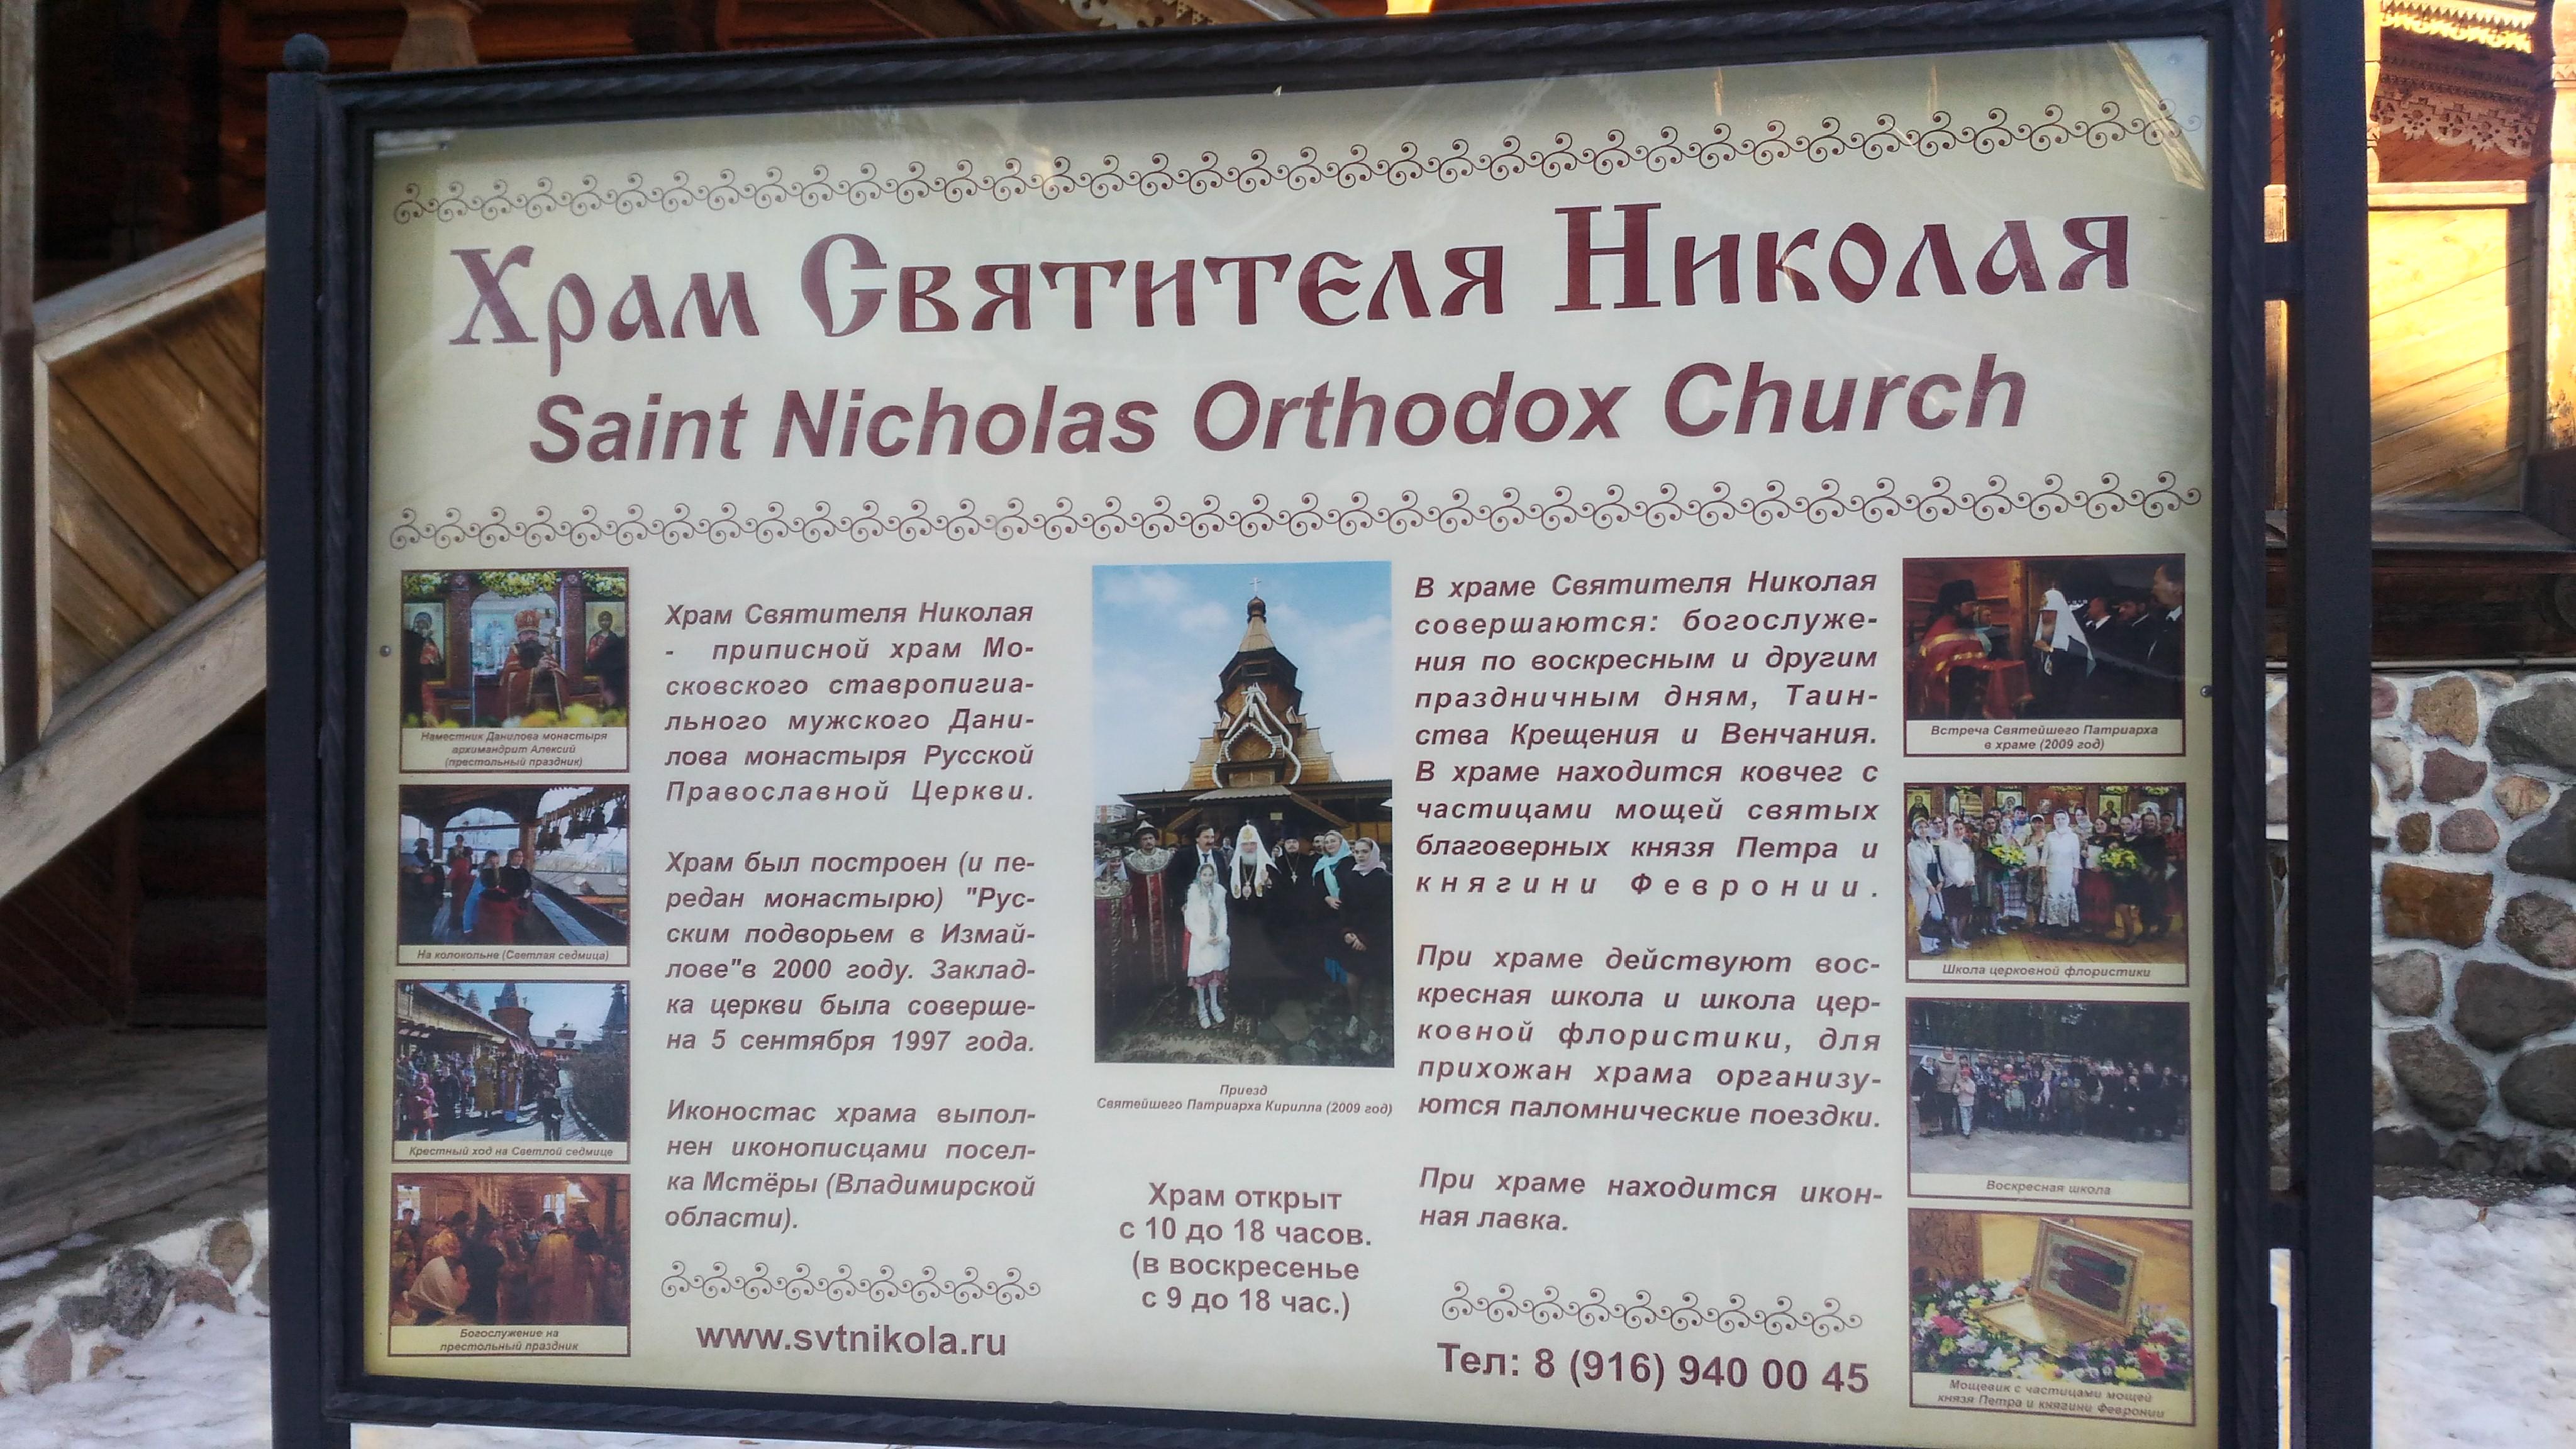 Храм Святителя Николая плакат